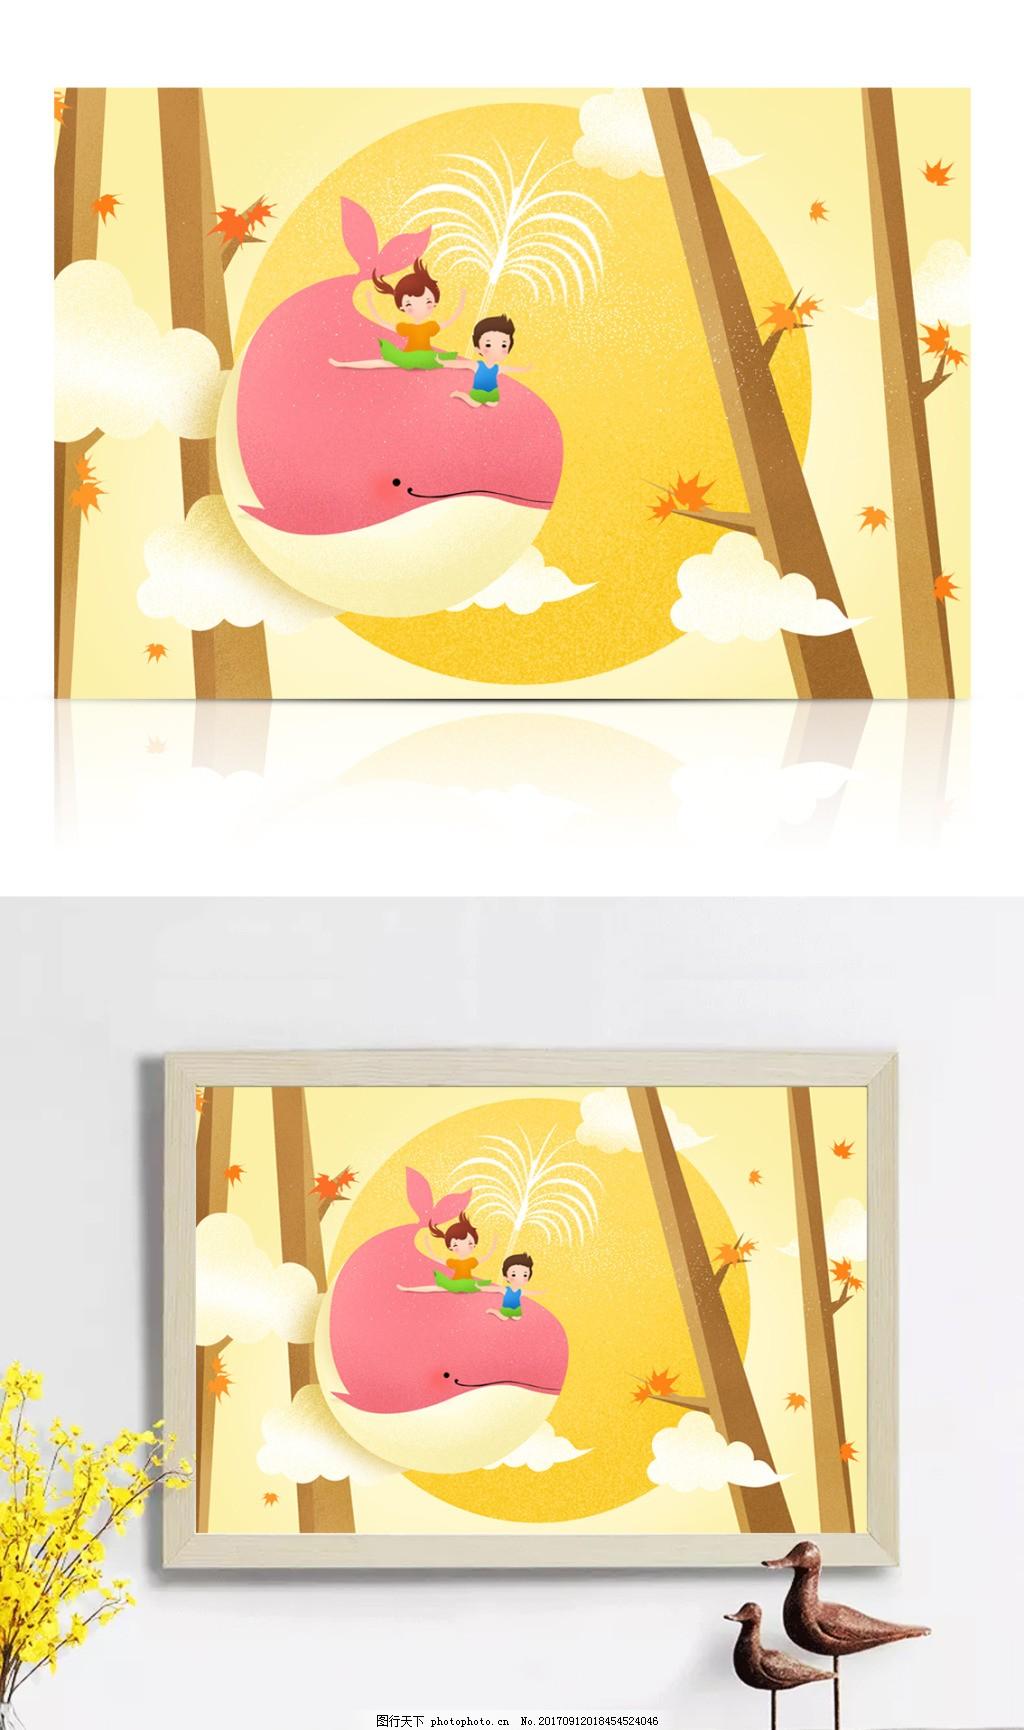 原创插画秋天手绘鲸鱼海报 白云 树 太阳 树叶 儿童 小孩